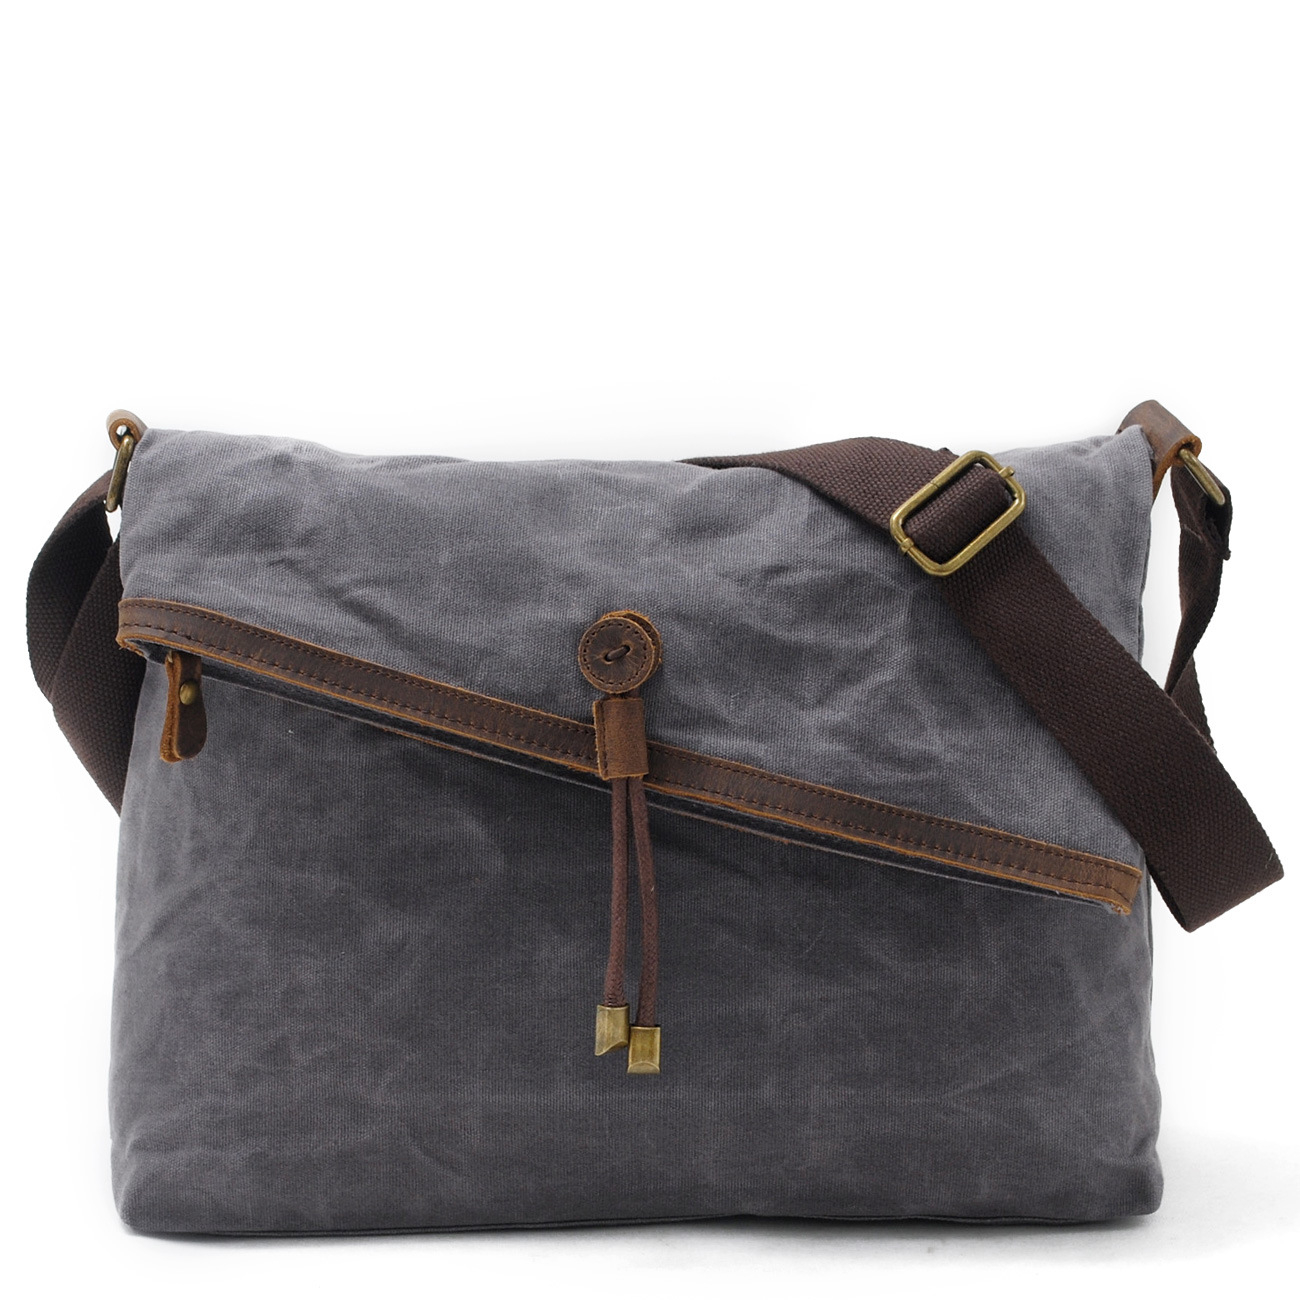 men s canvas bags institute wind restoring ancient ways batiks single shoulder bag Luxury Cowboy Oil